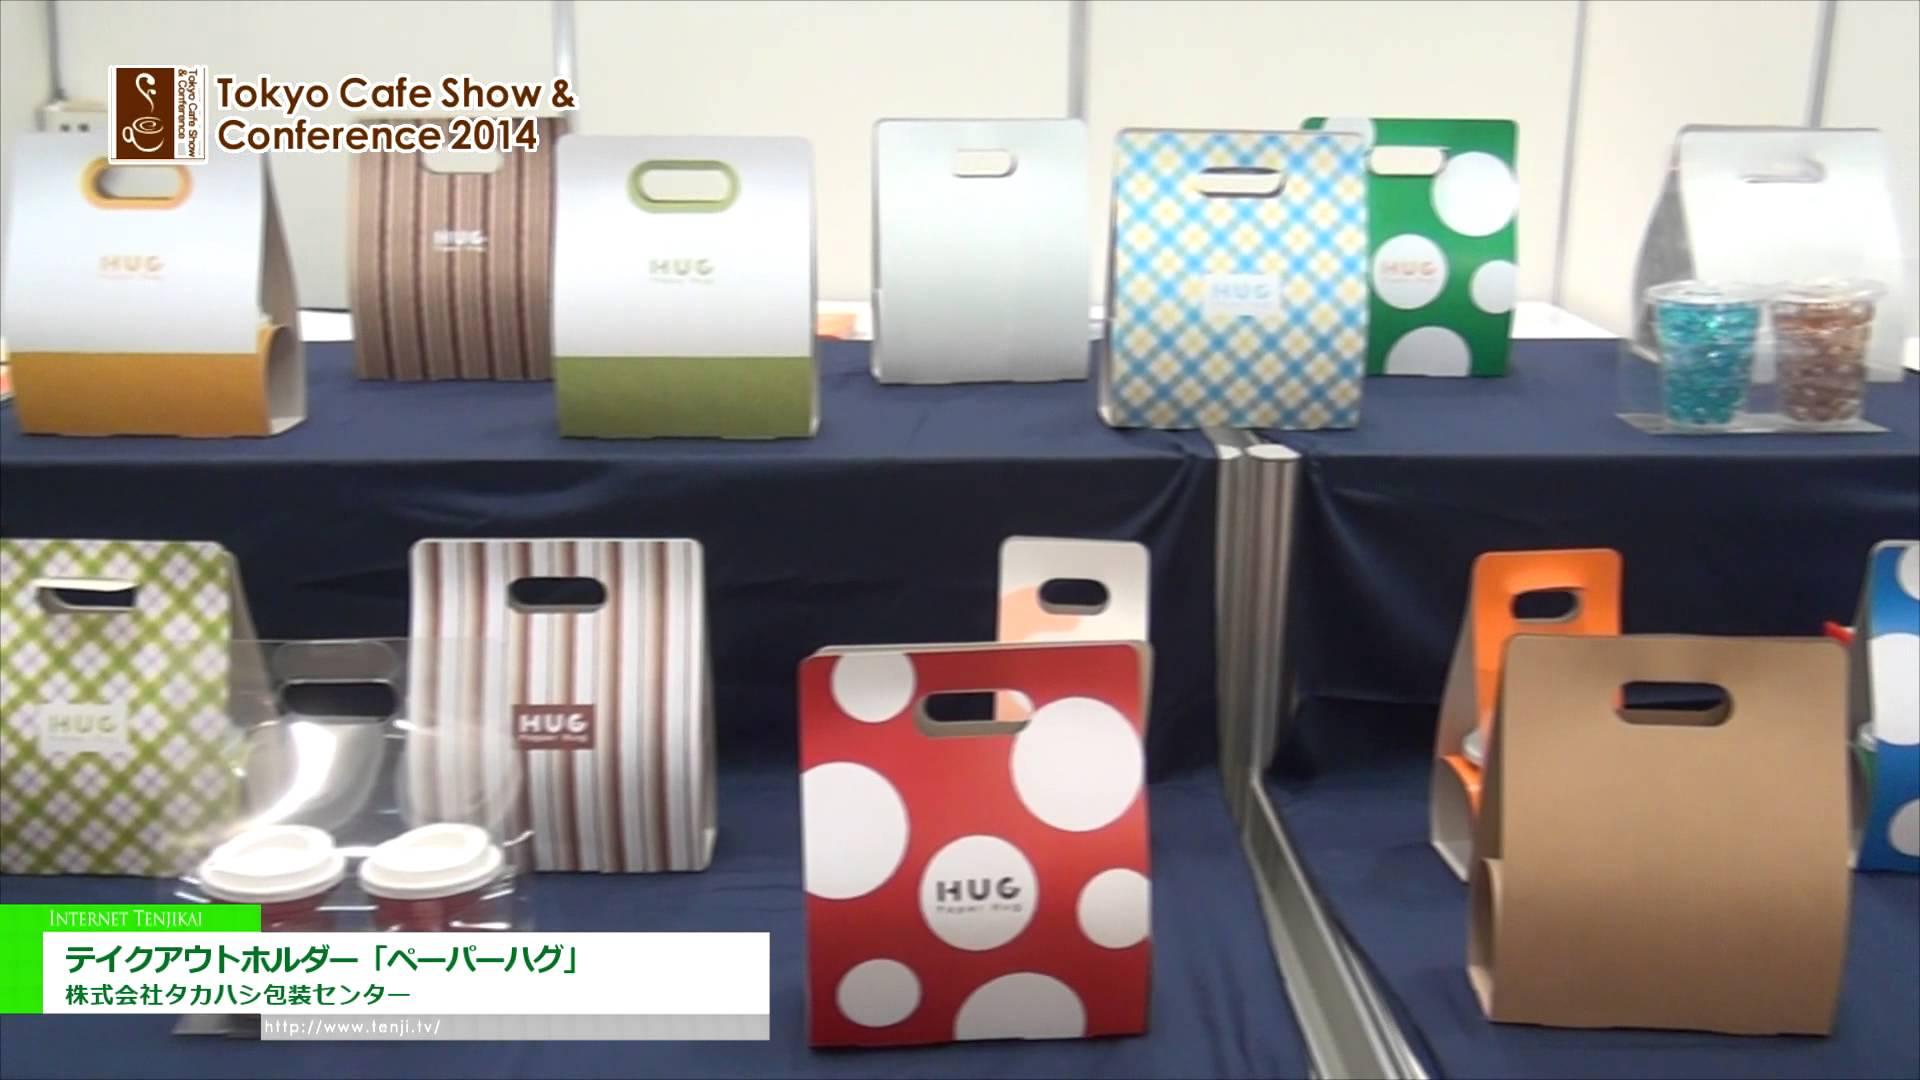 [Tokyo Cafe Show & Conference 2014] ねじって簡単に組み立てるテイクアウトホルダー「ペーパーハグ」 – 株式会社タカハシ包装センター